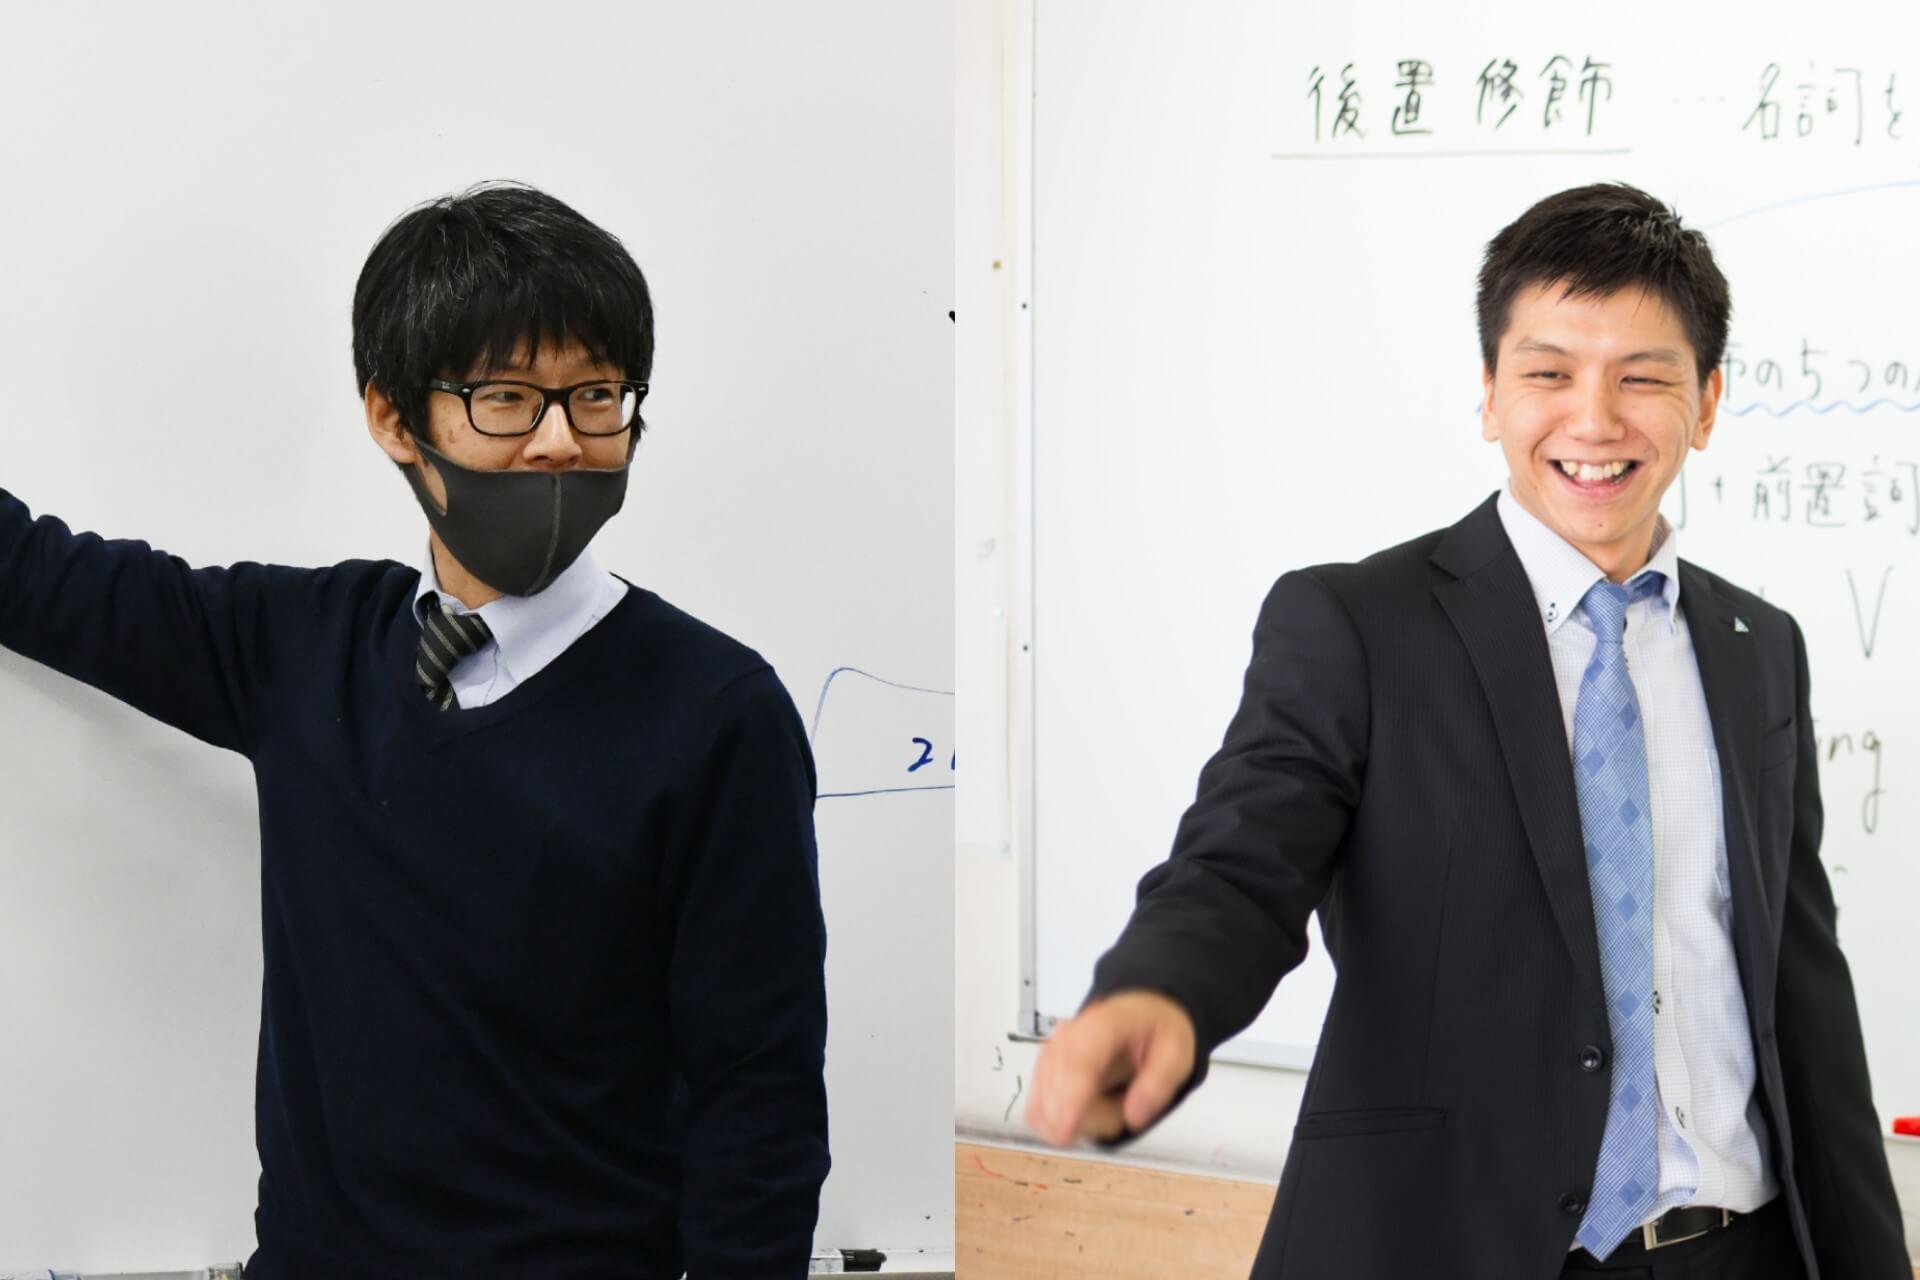 左:赤塚先生、右:松本先生